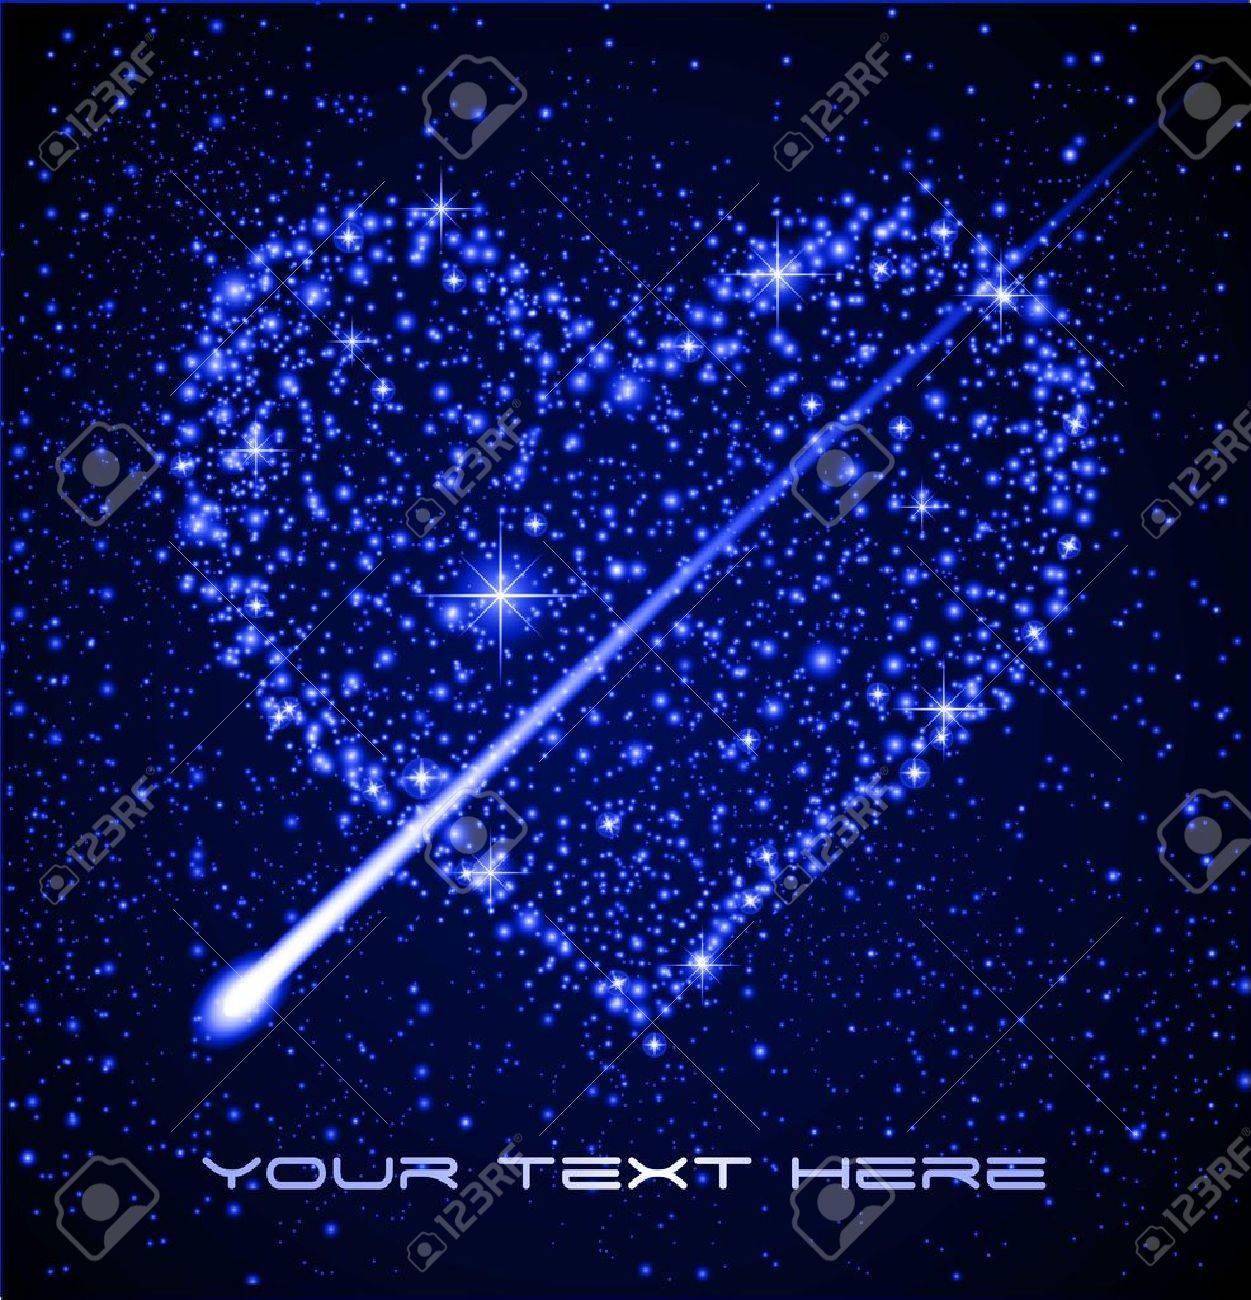 12807578-fond-de-l-espace-coeur-%C3%A9toile-dans-le-ciel-nocturne.jpg